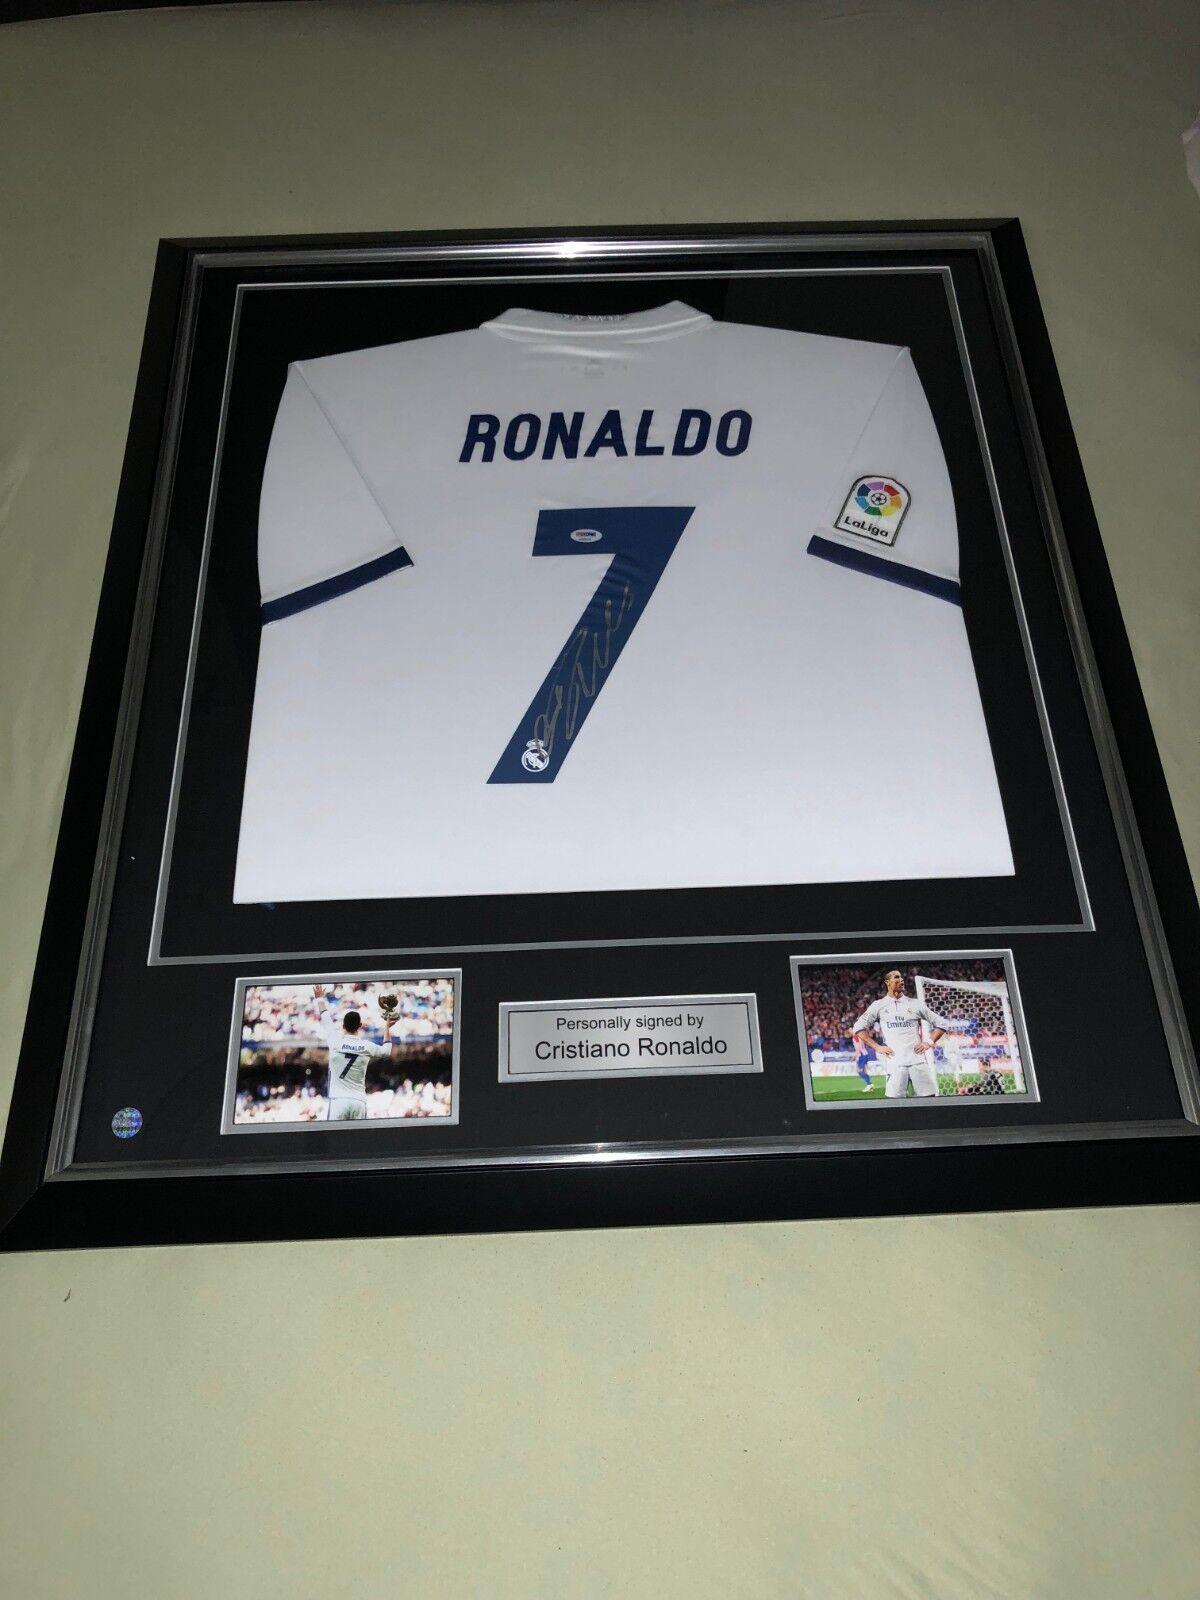 Maillot Jersey signé par Cristiano Ronaldo encadré avec certificat d'authenticit